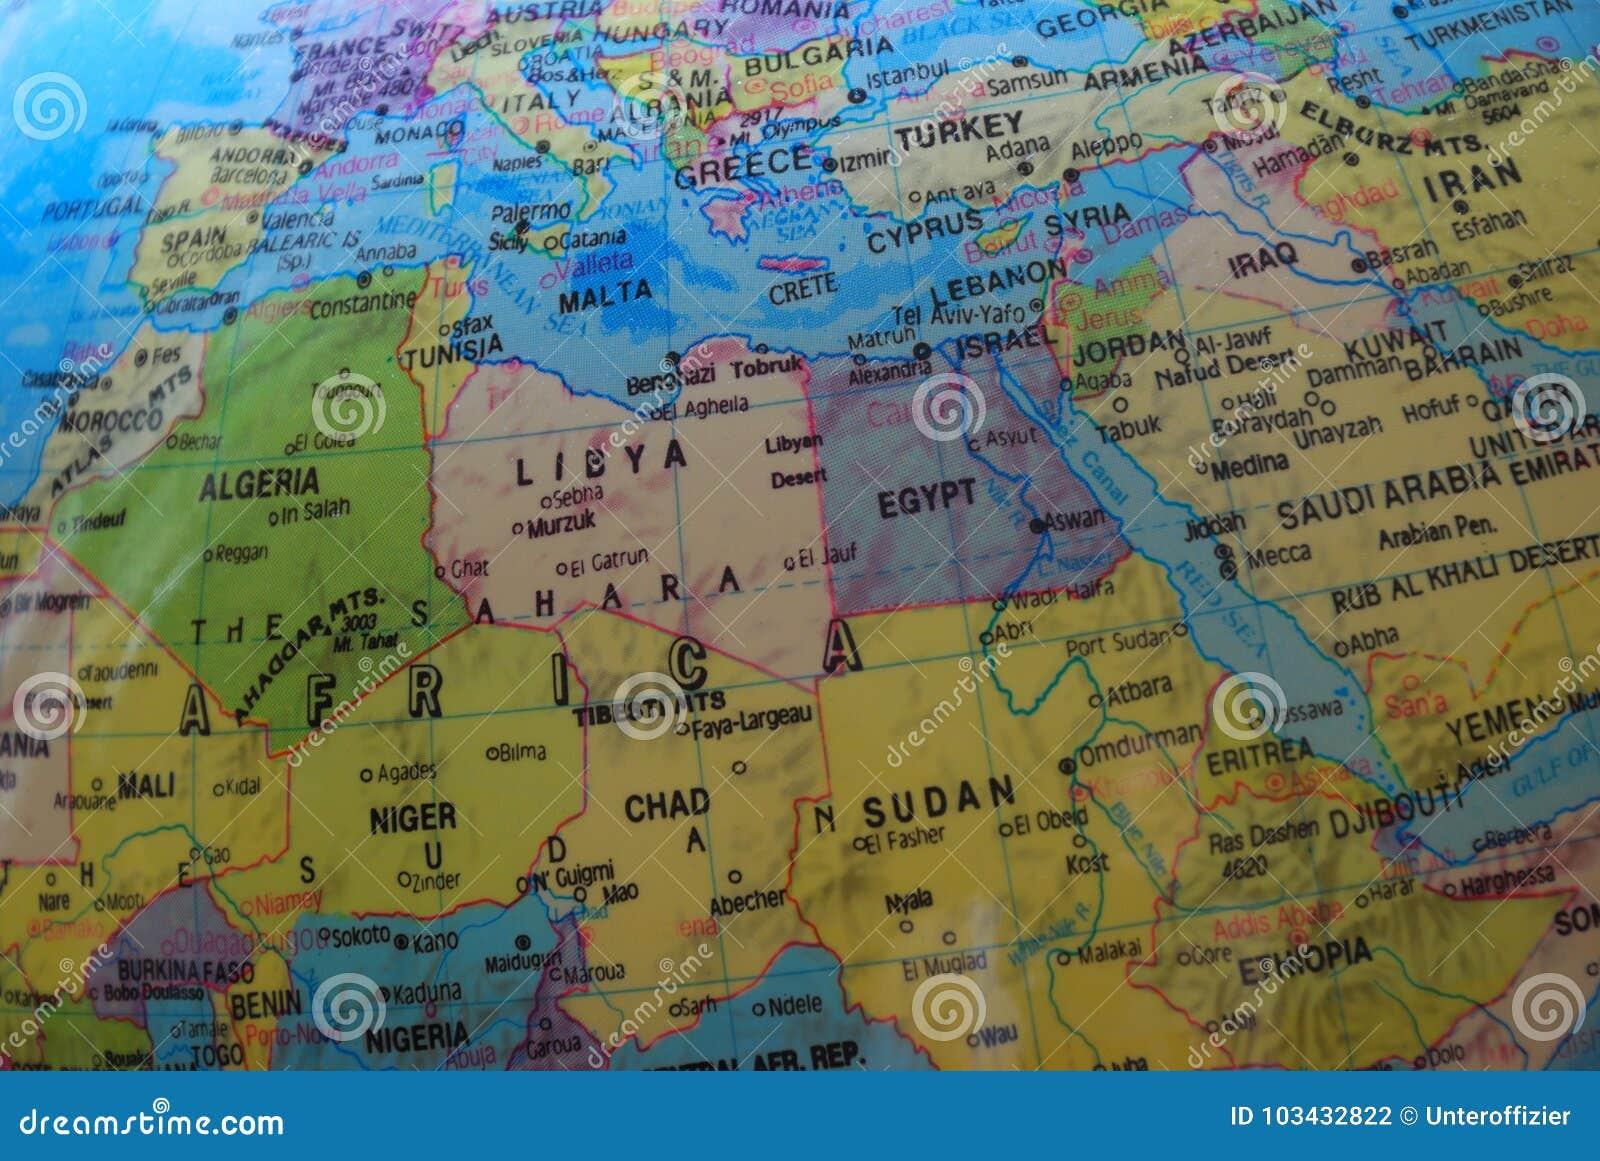 Cartina Europa E Medio Oriente.Mappa Del Globo Del Nord Africa E Di Medio Oriente Fotografia Stock Immagine Di Griglia Iraq 103432822